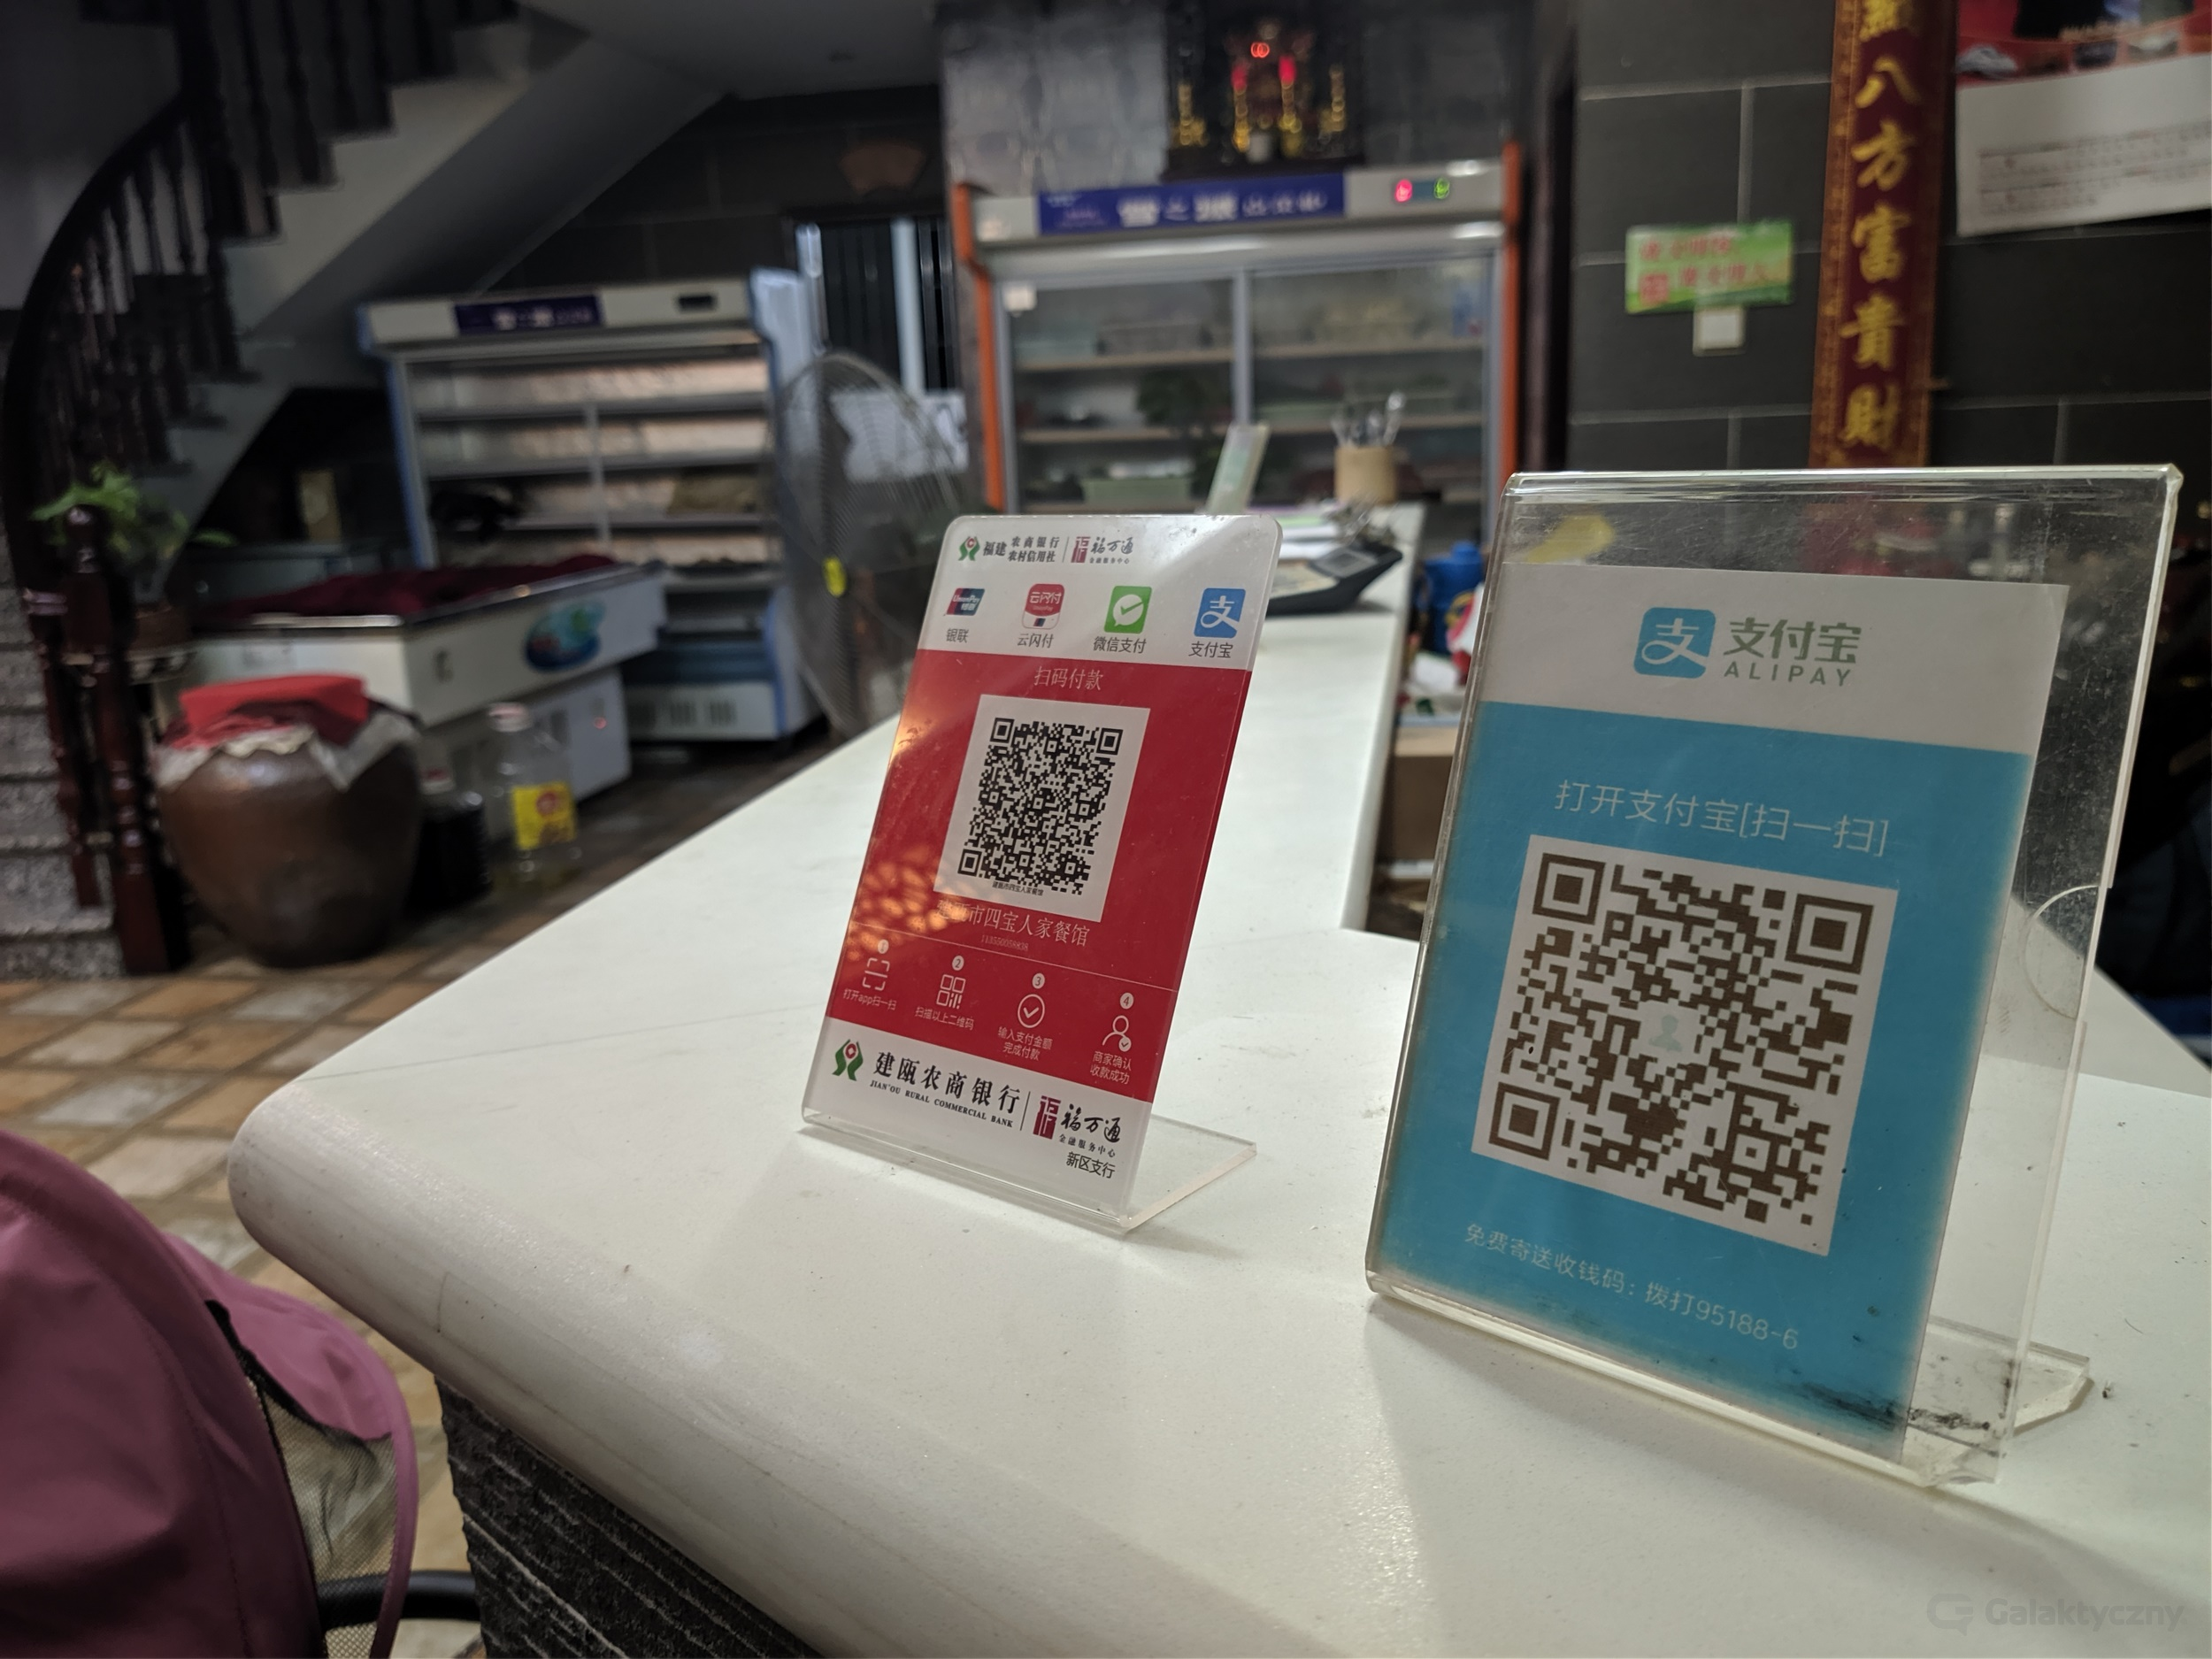 Ciekawostki z Chin - kody QR w Chinach